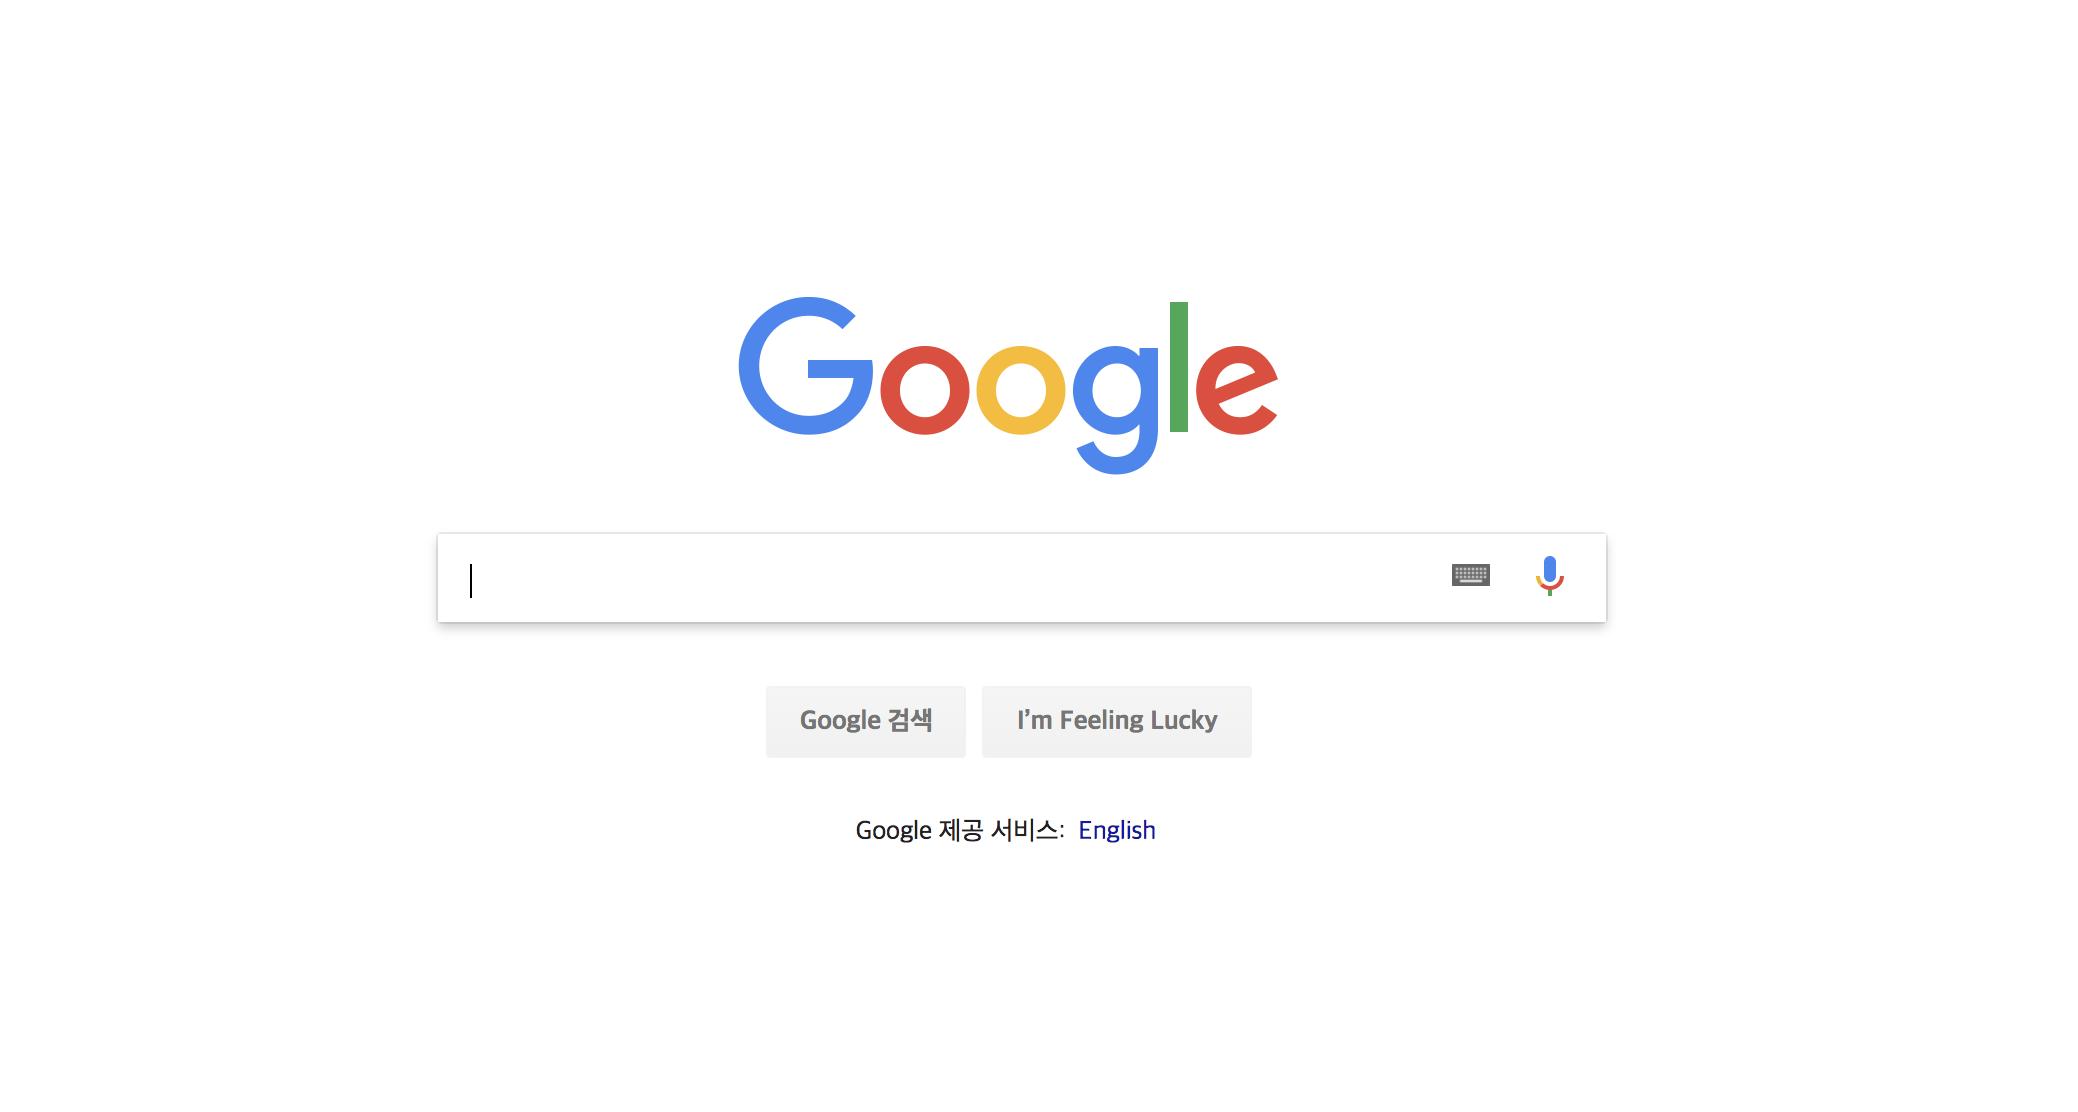 구글의 한국어 버전 홈페이지 ©Google